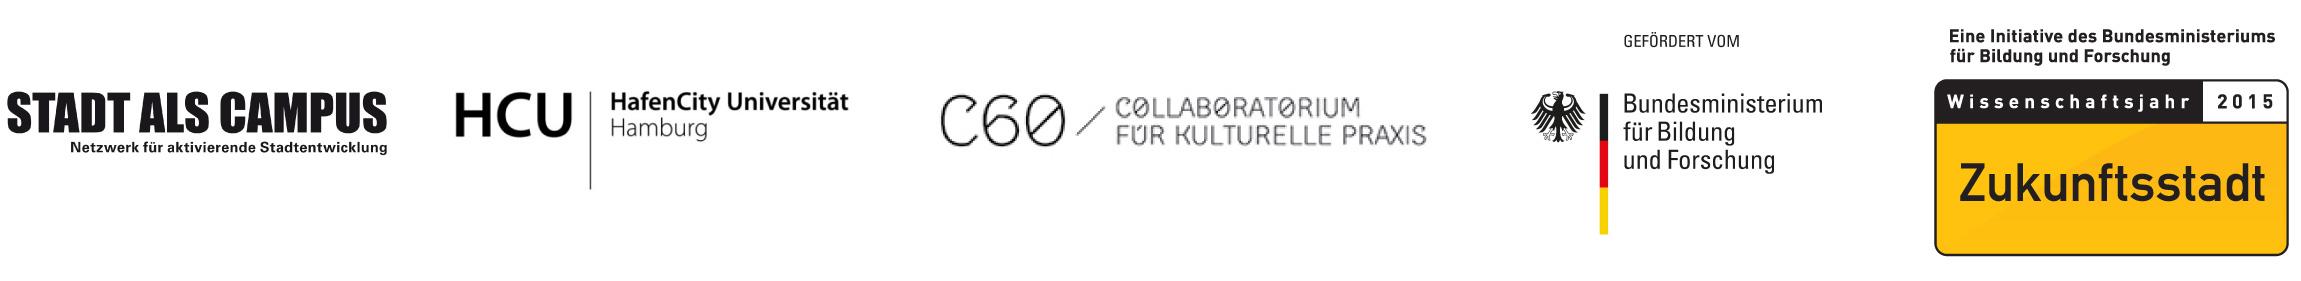 Logobalken151020_kl